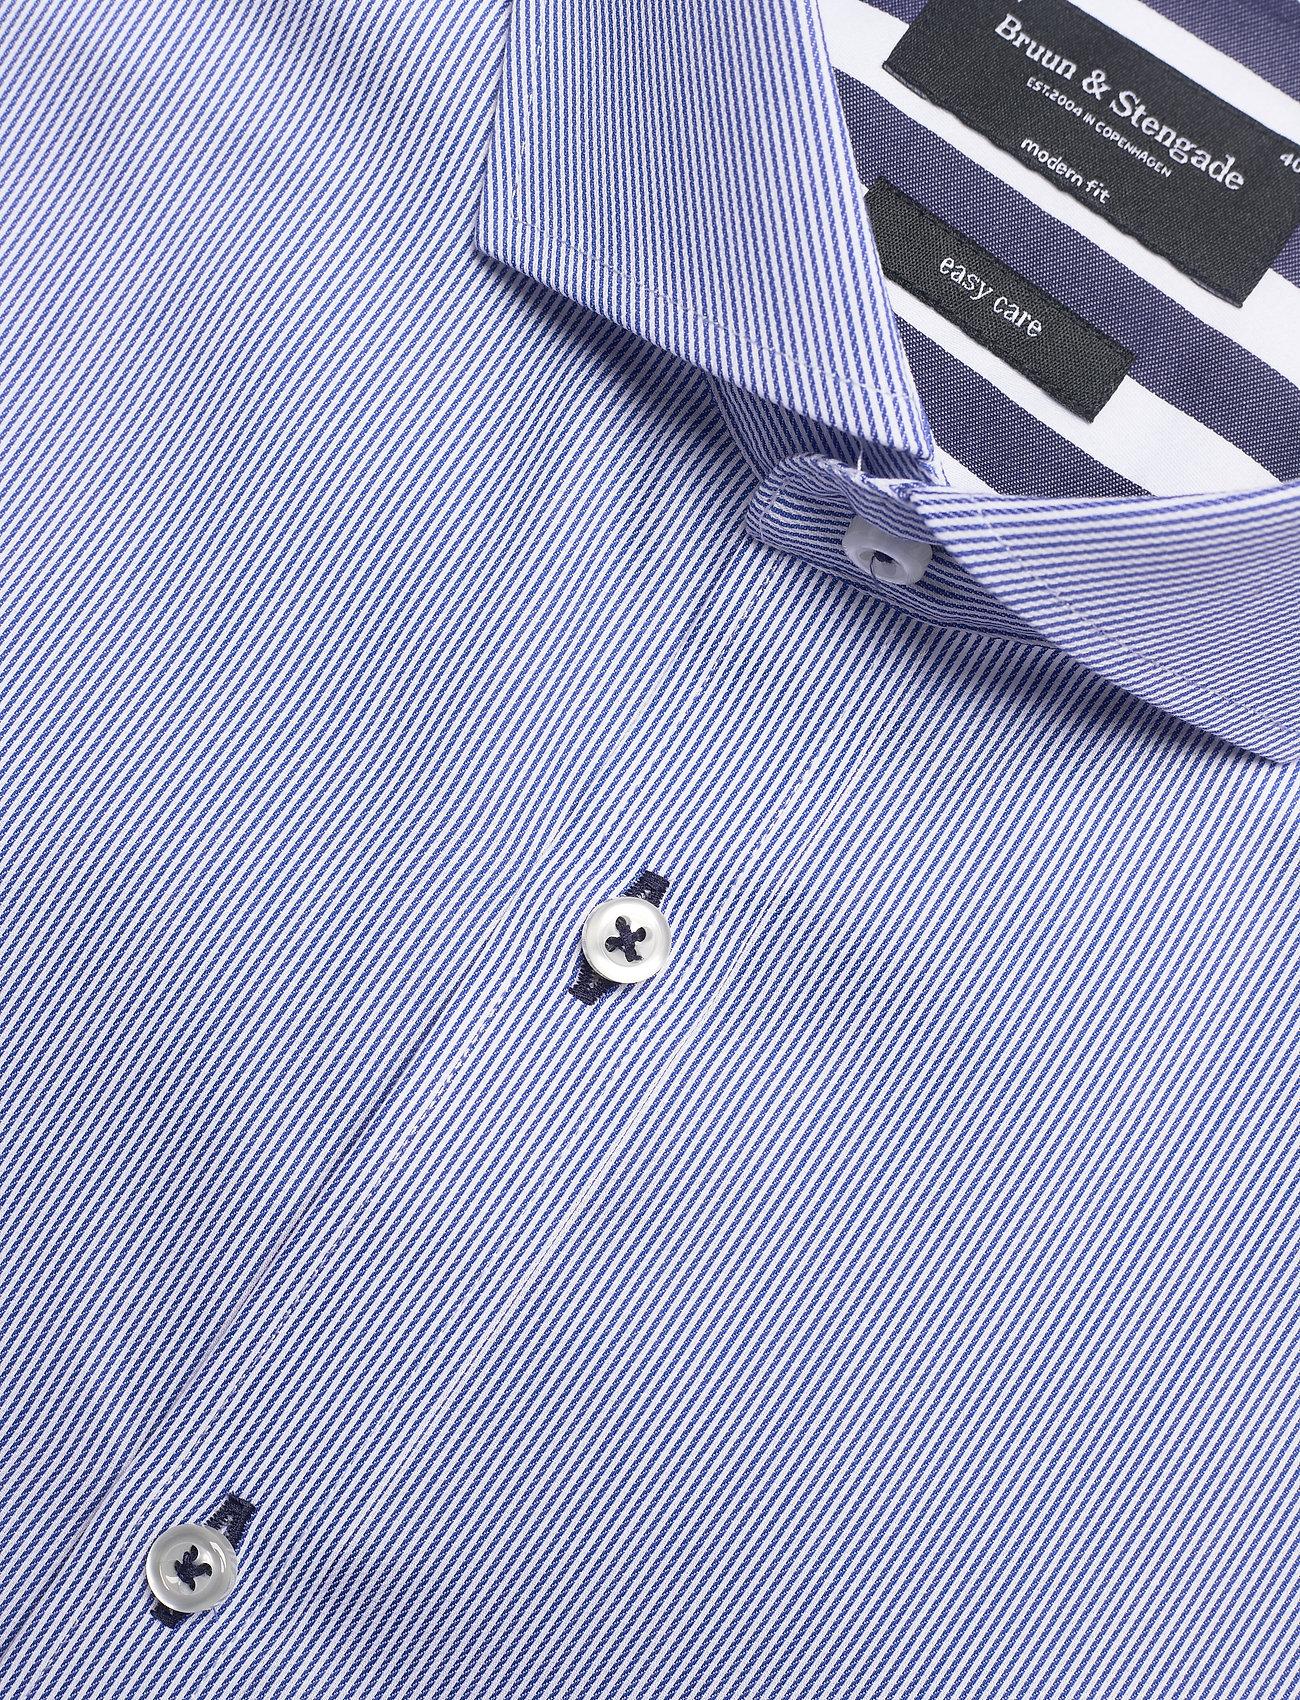 Bruun & Stengade BS Niles - Skjorter BLUE - Menn Klær